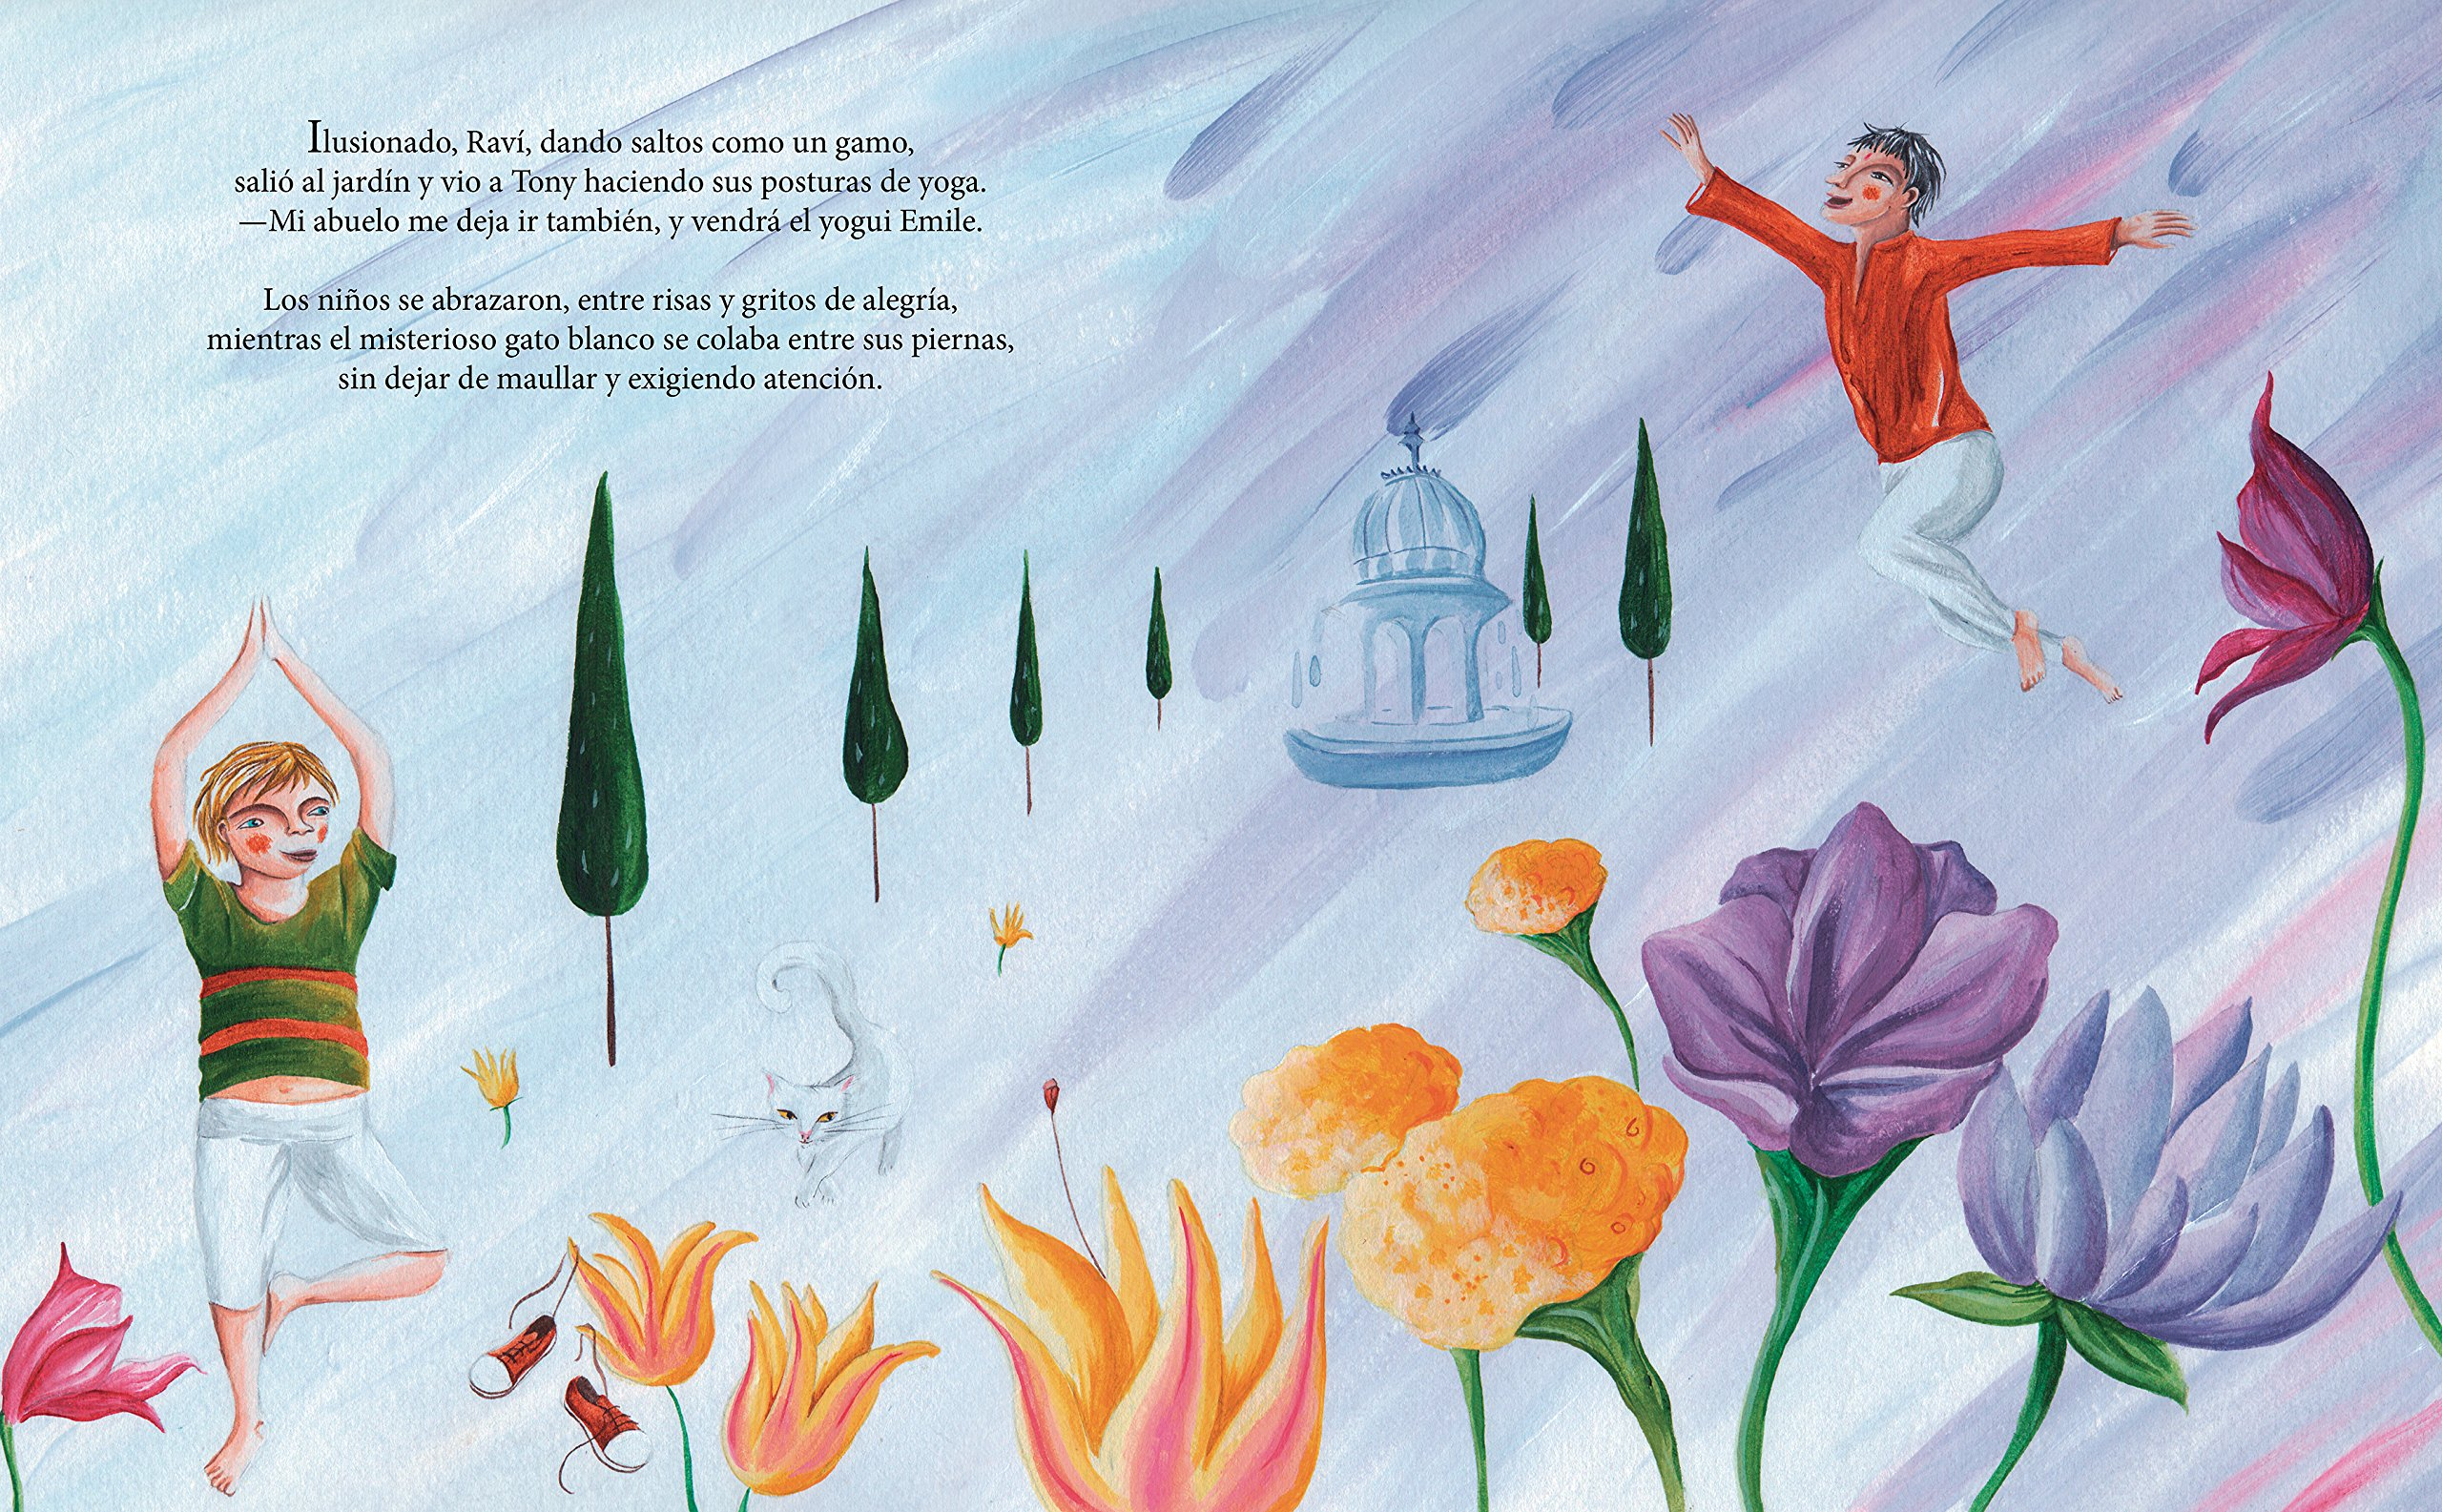 Amazon.com: Un tesoro en las cumbres - Aprendiendo a meditar ...